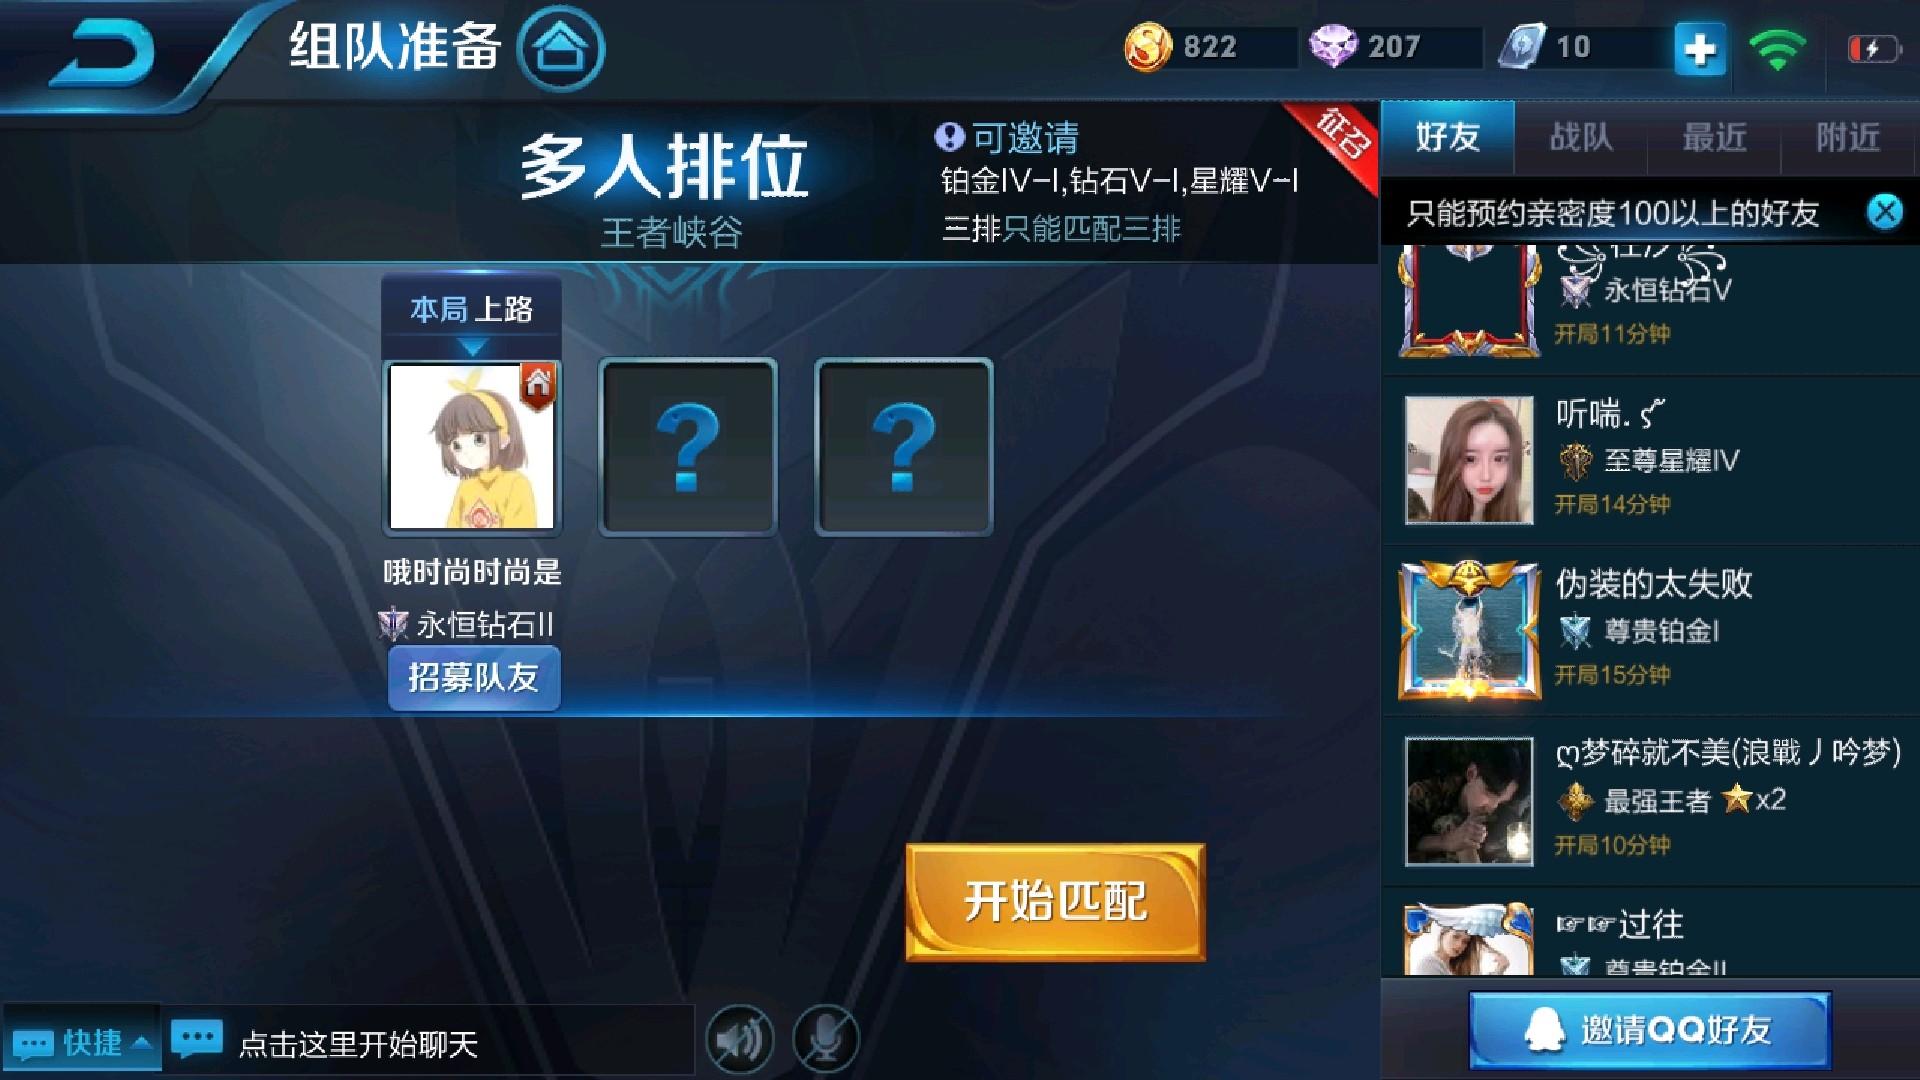 Screenshot_20180808_222146.jpg